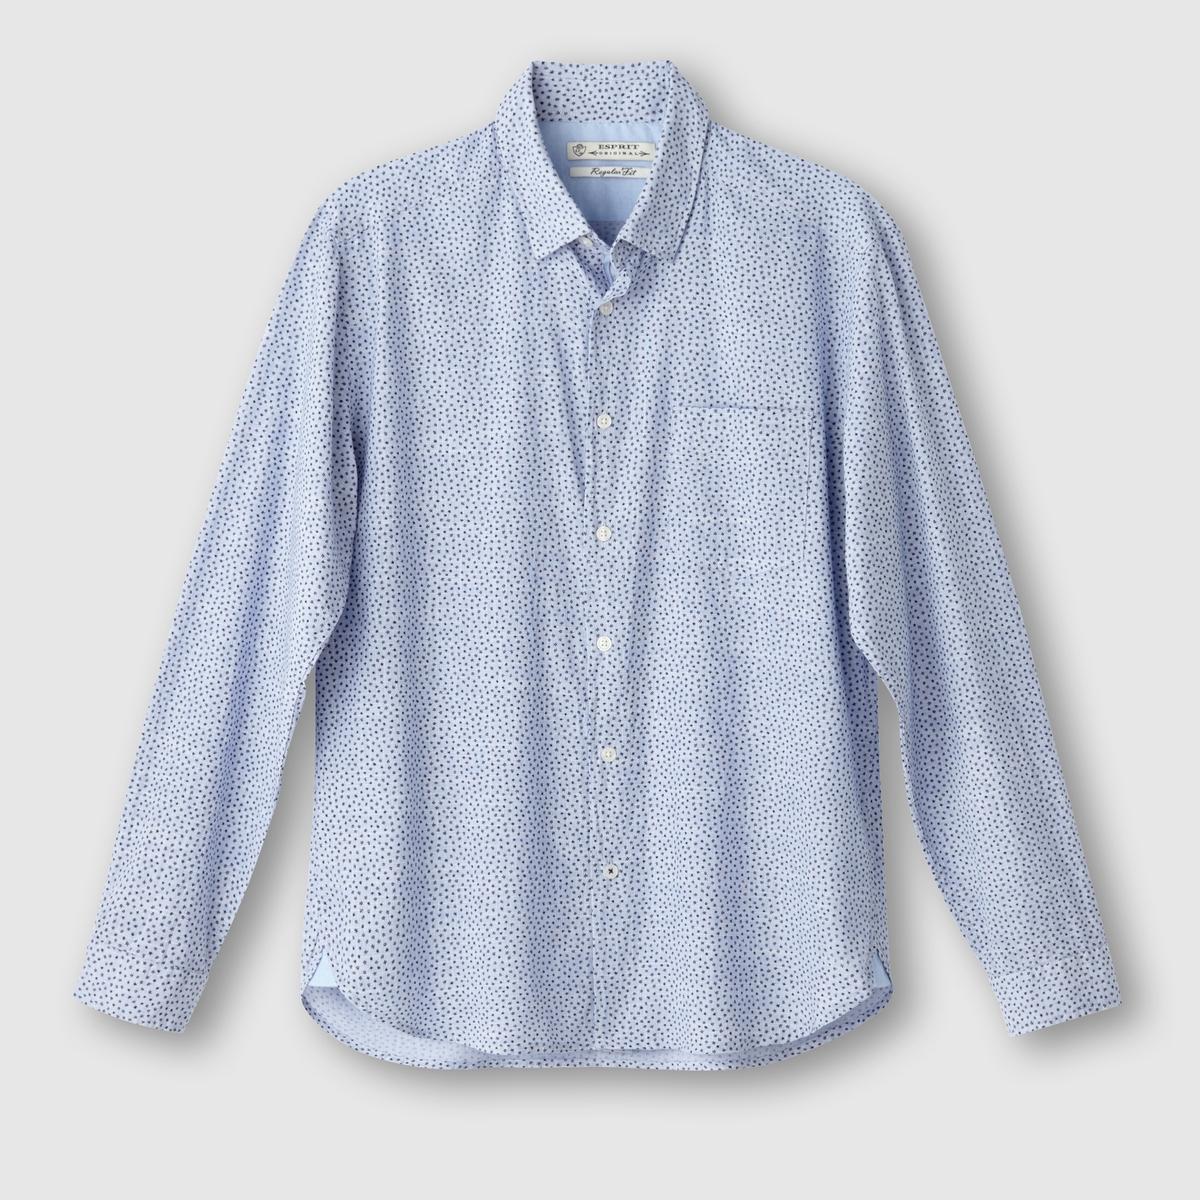 Рубашка с рисунком с длинными рукавами, 100% хлопка